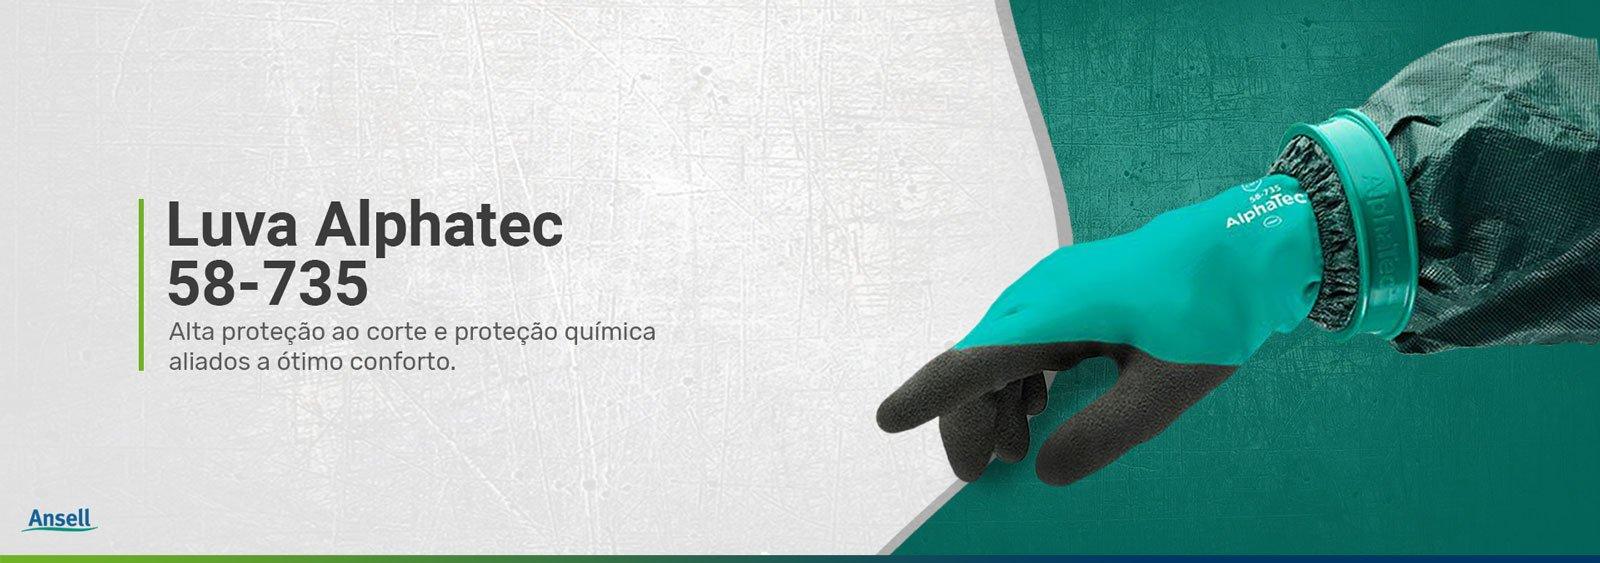 luva-alphatec-58-735-protecao-contra-produtos-quimicos-e-corte-Ansell